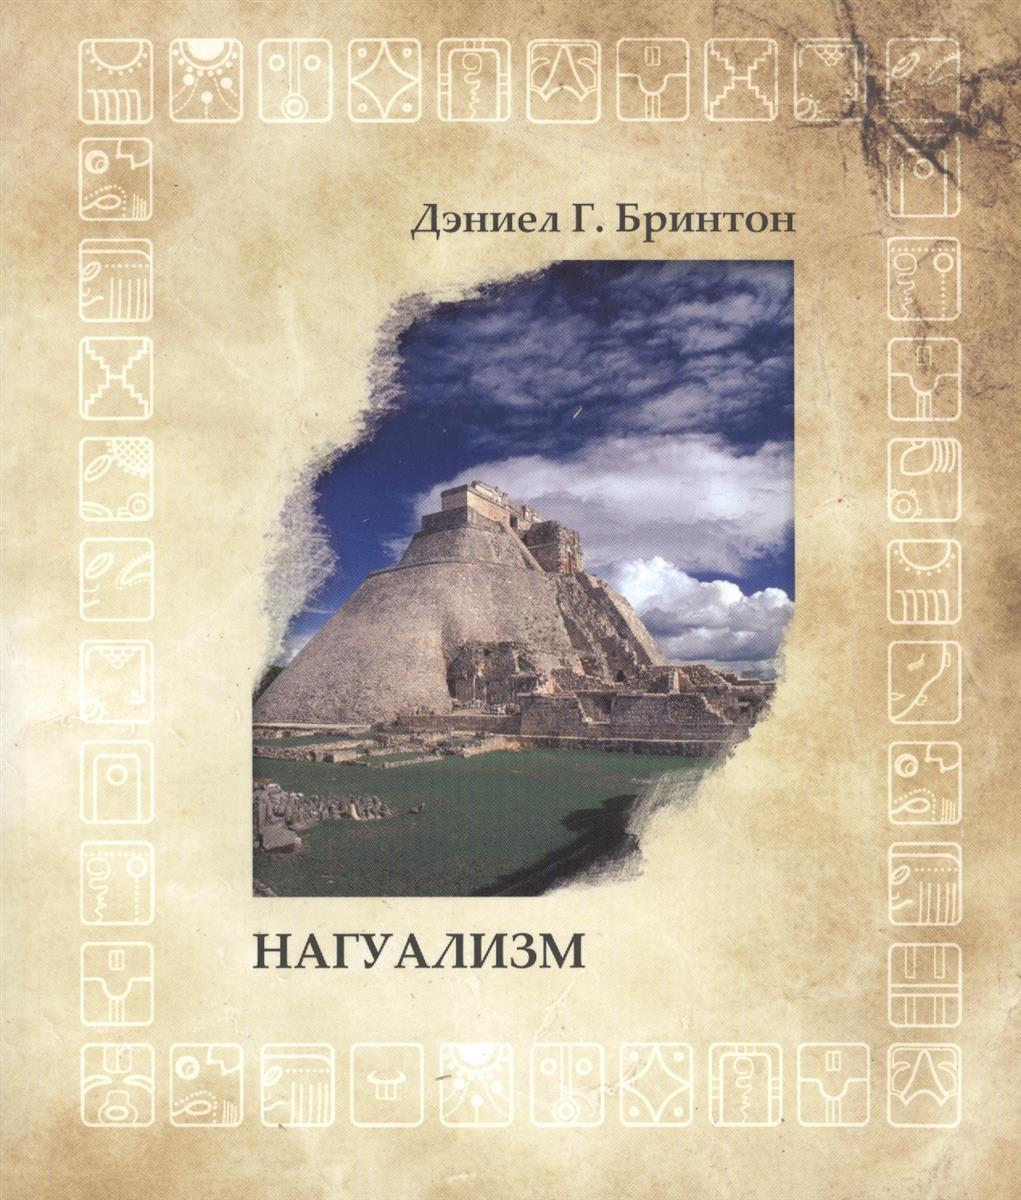 Нагуализм. Исследование фольклора и истории американских индейцев